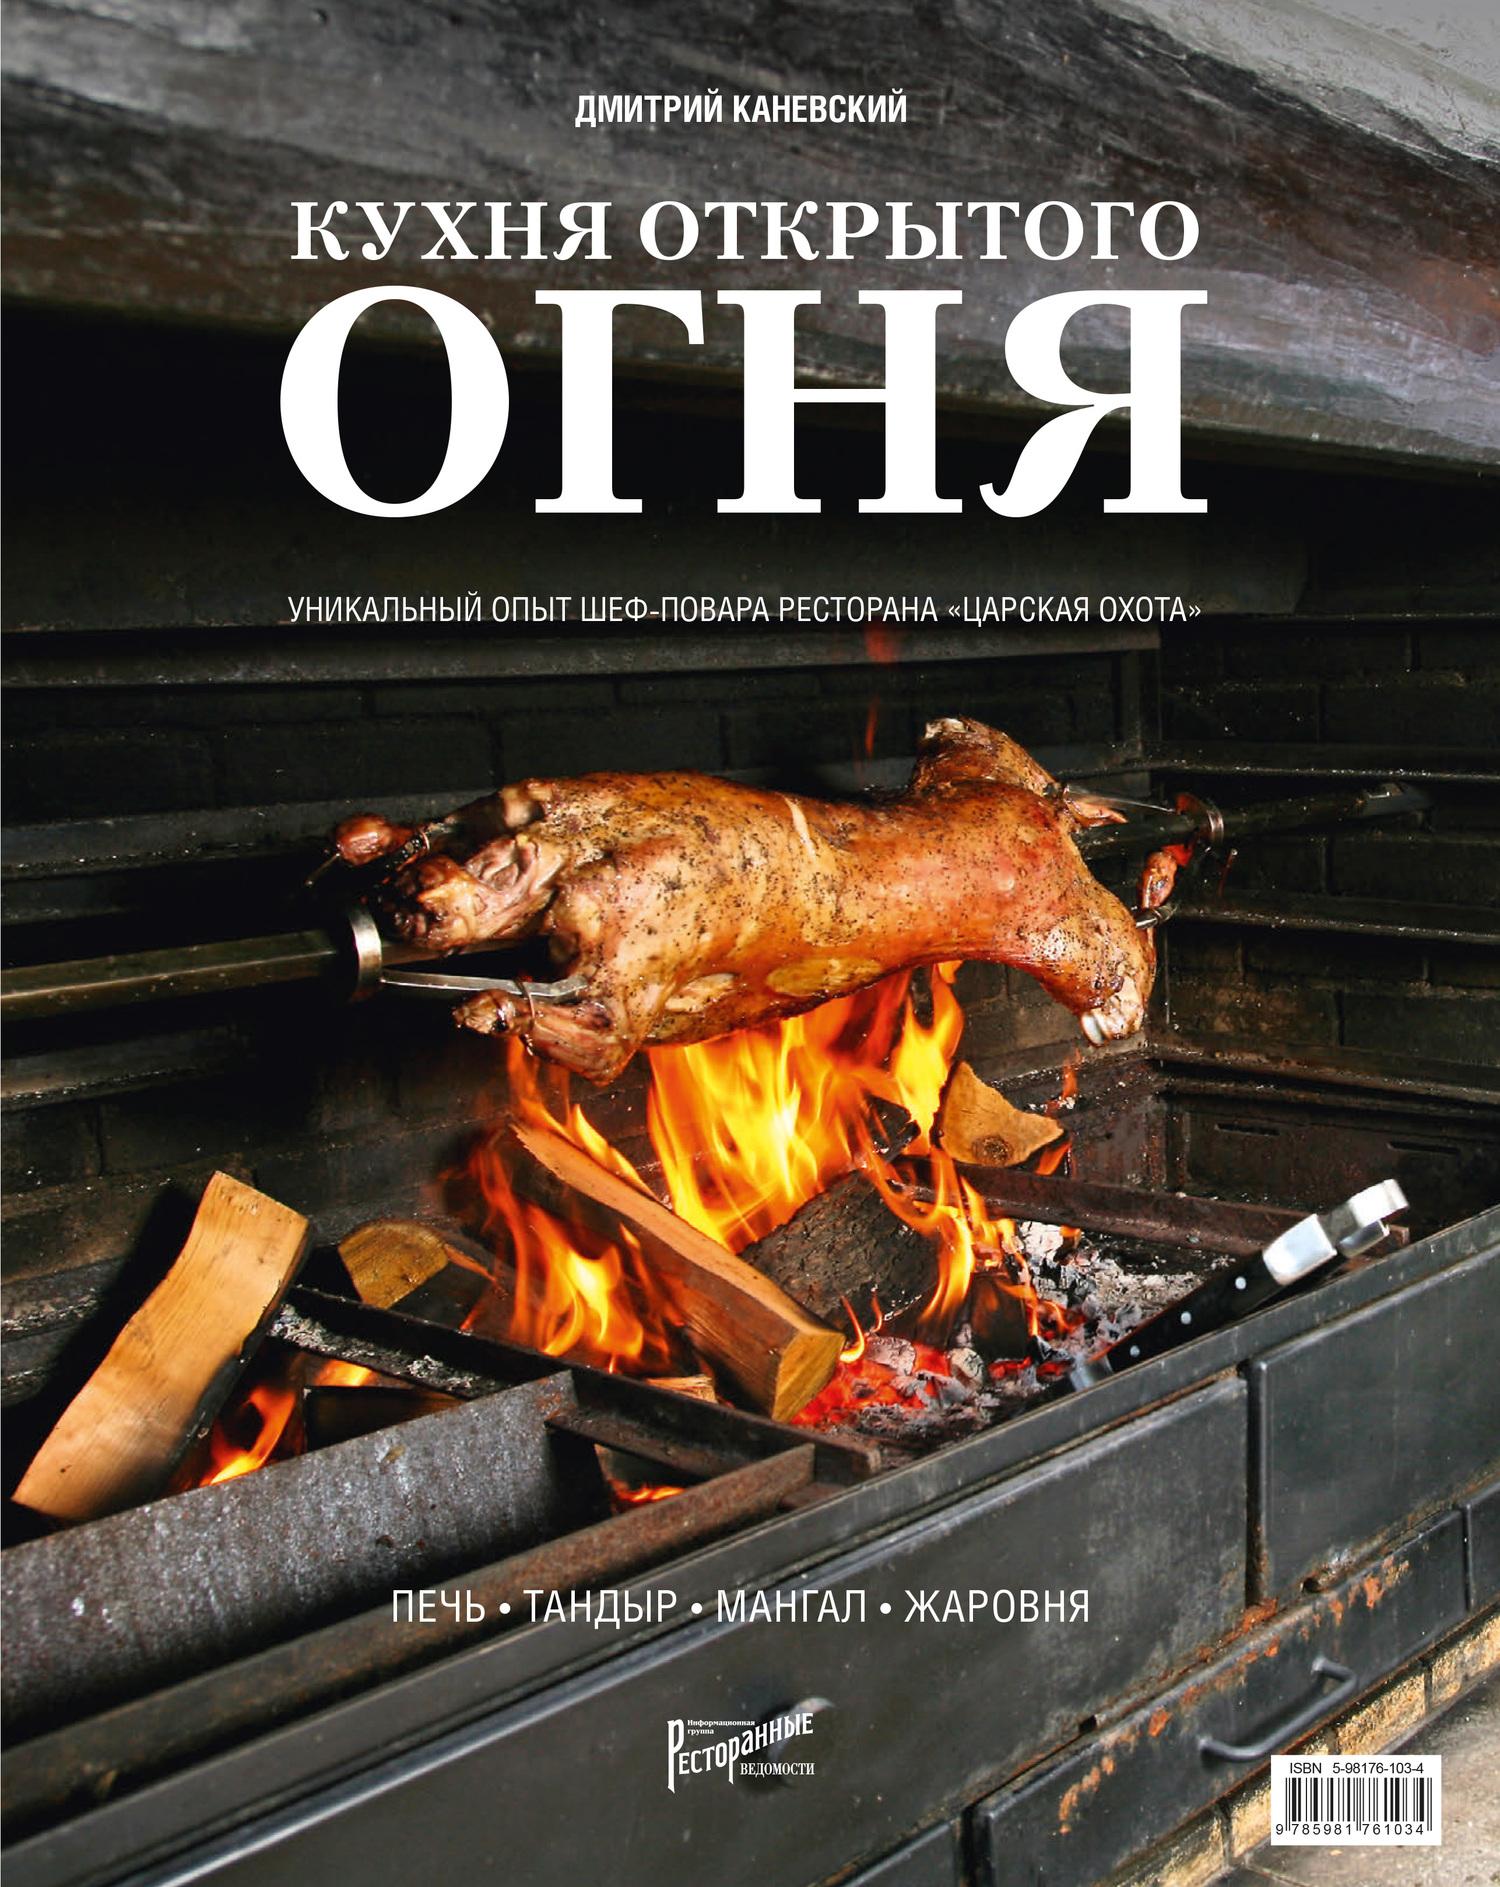 Дмитрий Каневский Кухня открытого огня: печь, тандыр, мангал, жаровня